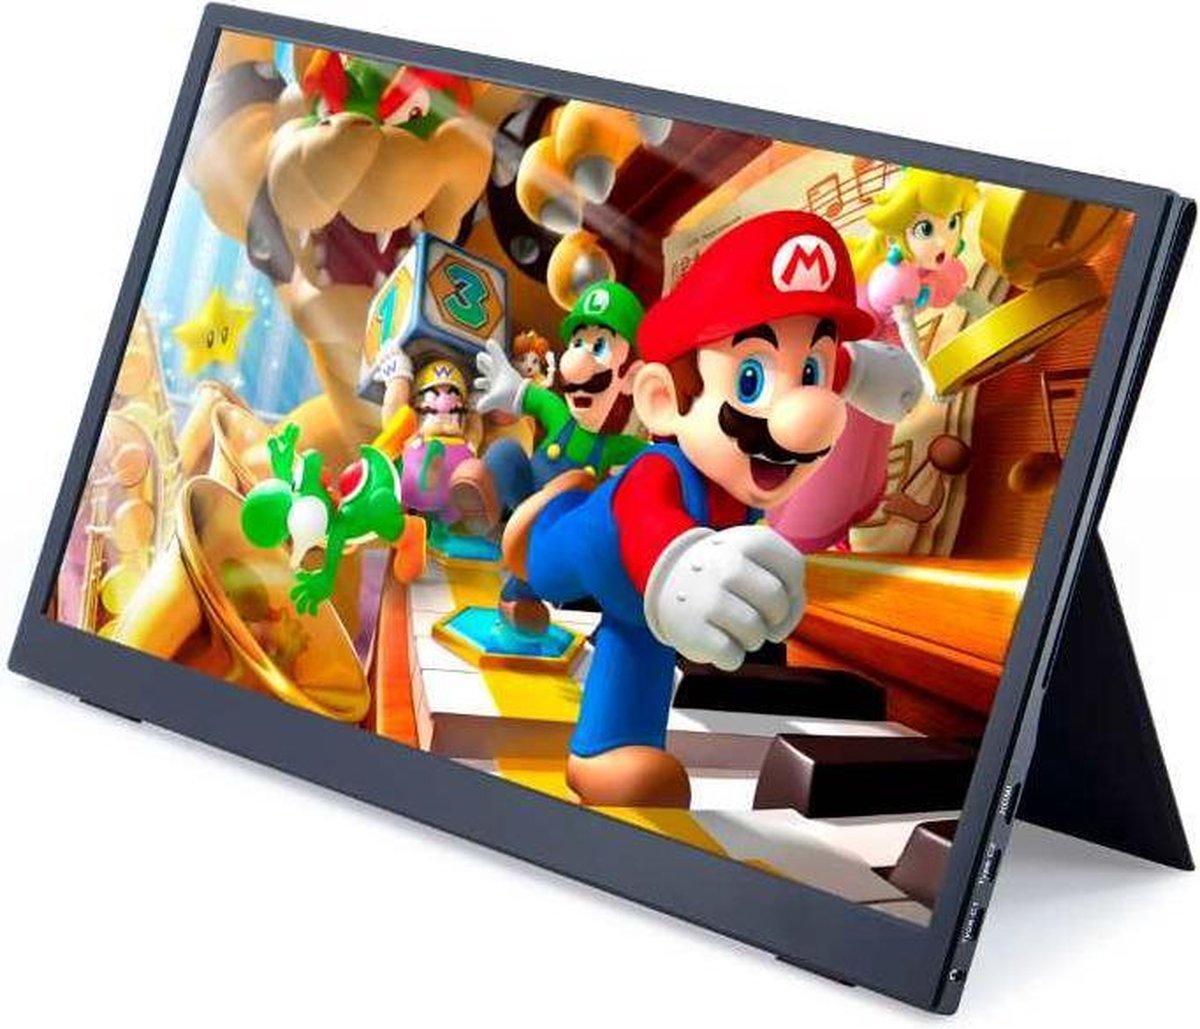 Lipa AX-50 portable monitor Full HD 15.6 / HDMI / 2x USB C / Met hoes en kickstand / Ook voor Nintendo Switch, Xbox en Playstation / Makkelijk mee te nemen